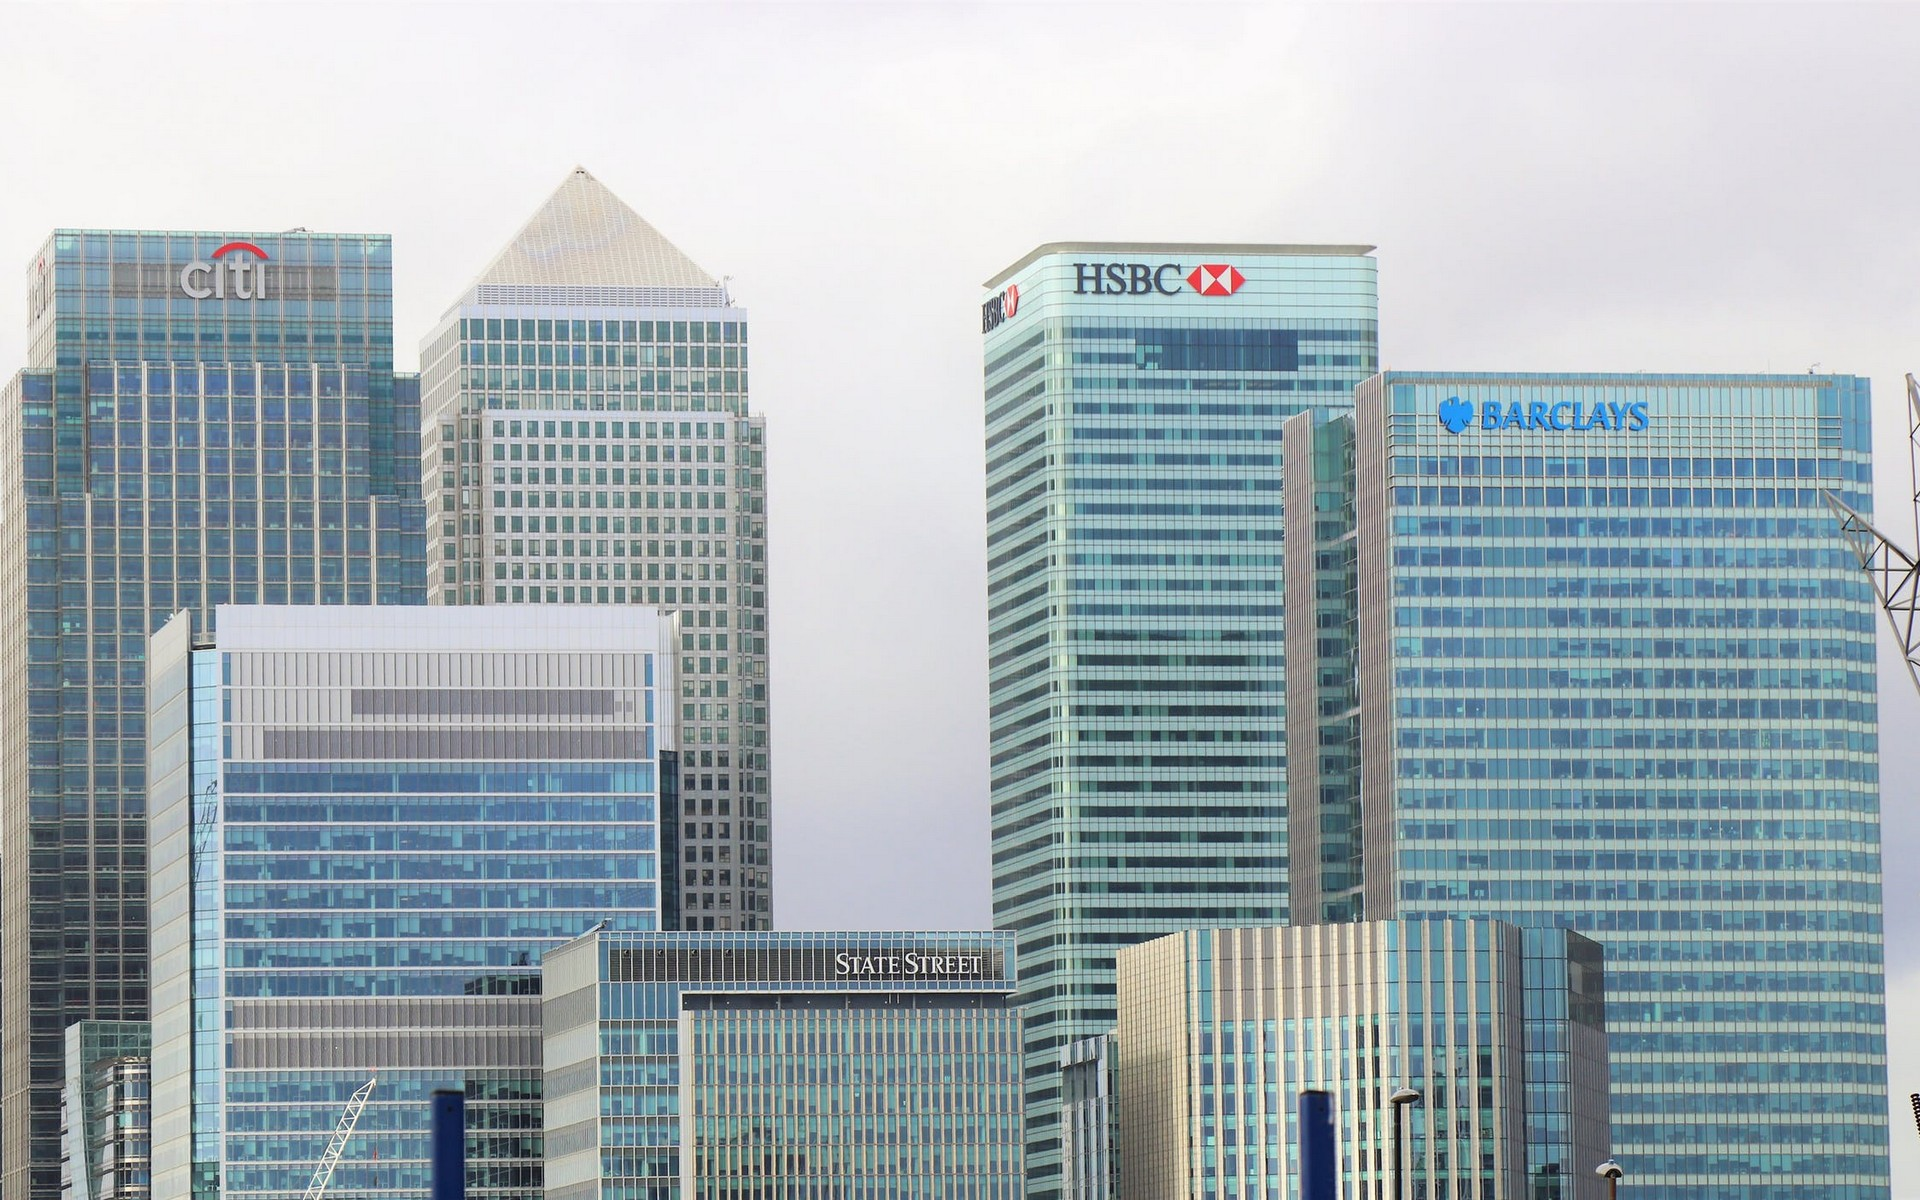 Skyline image of Canary Wharf E14